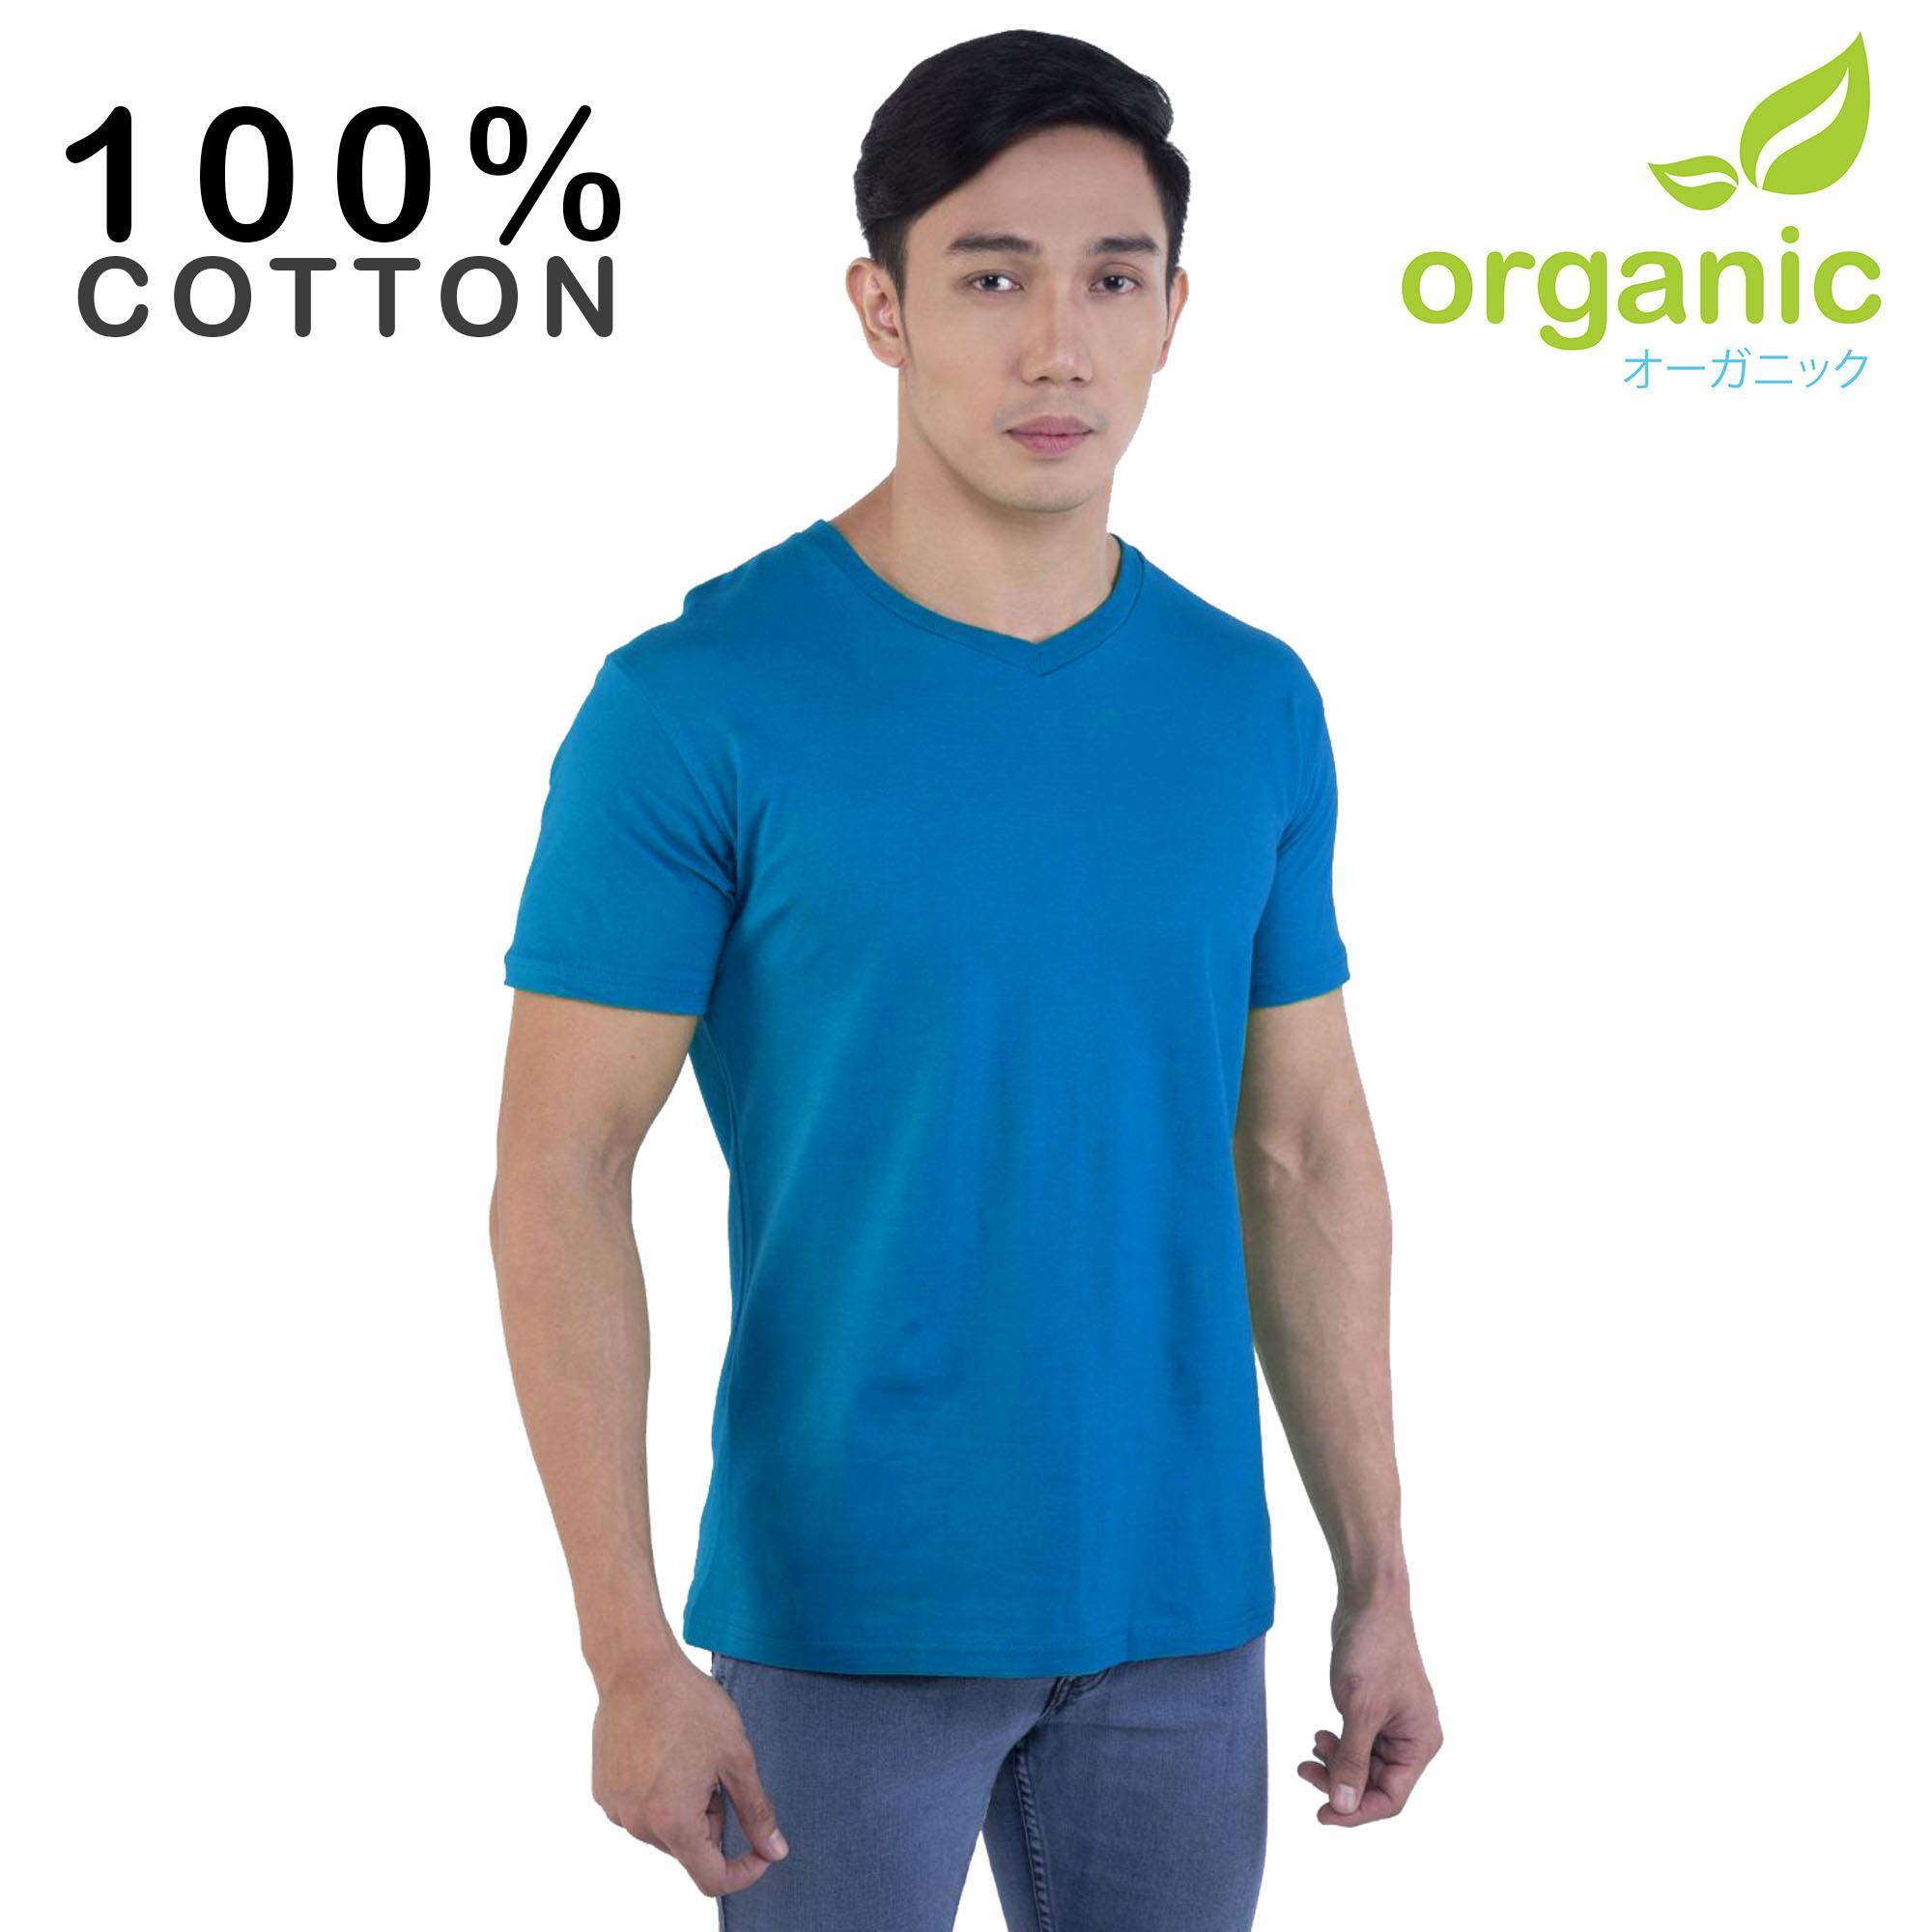 Organic Mens 100% Cotton Vneck (Blue) Tees t shirt tshirt shirts tshirts v